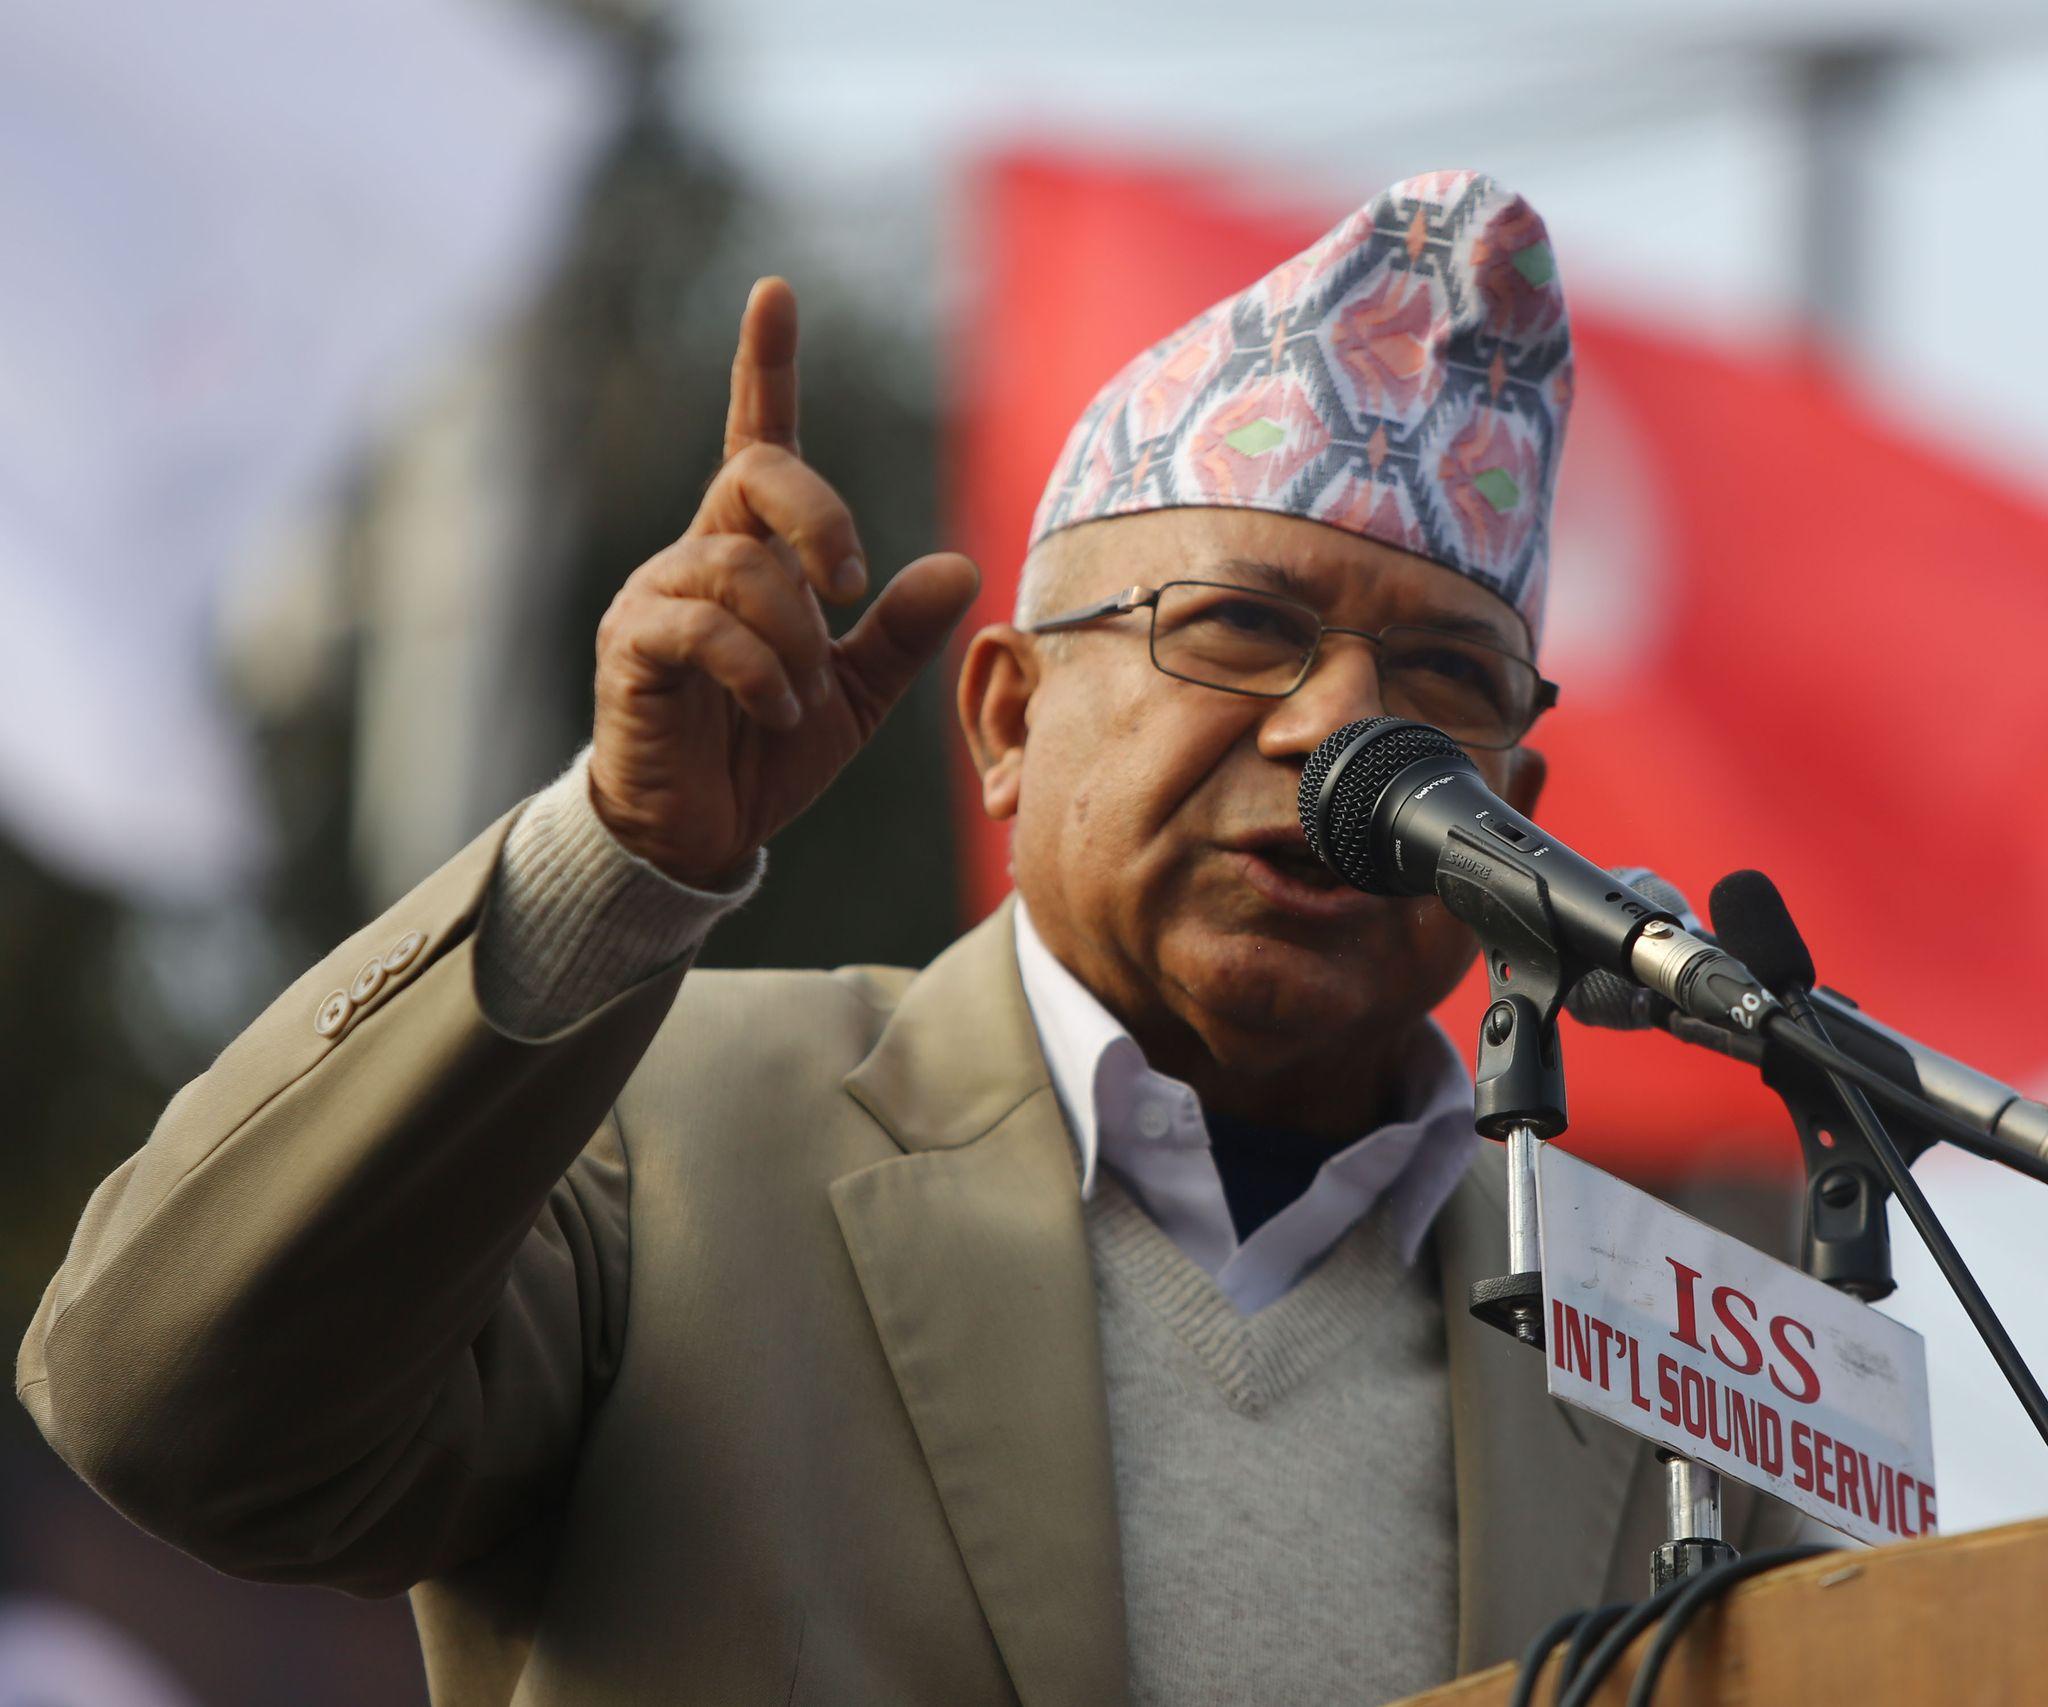 नेकपा (प्रचण्ड-नेपाल समूहका) अध्यक्ष माधव नेपाल